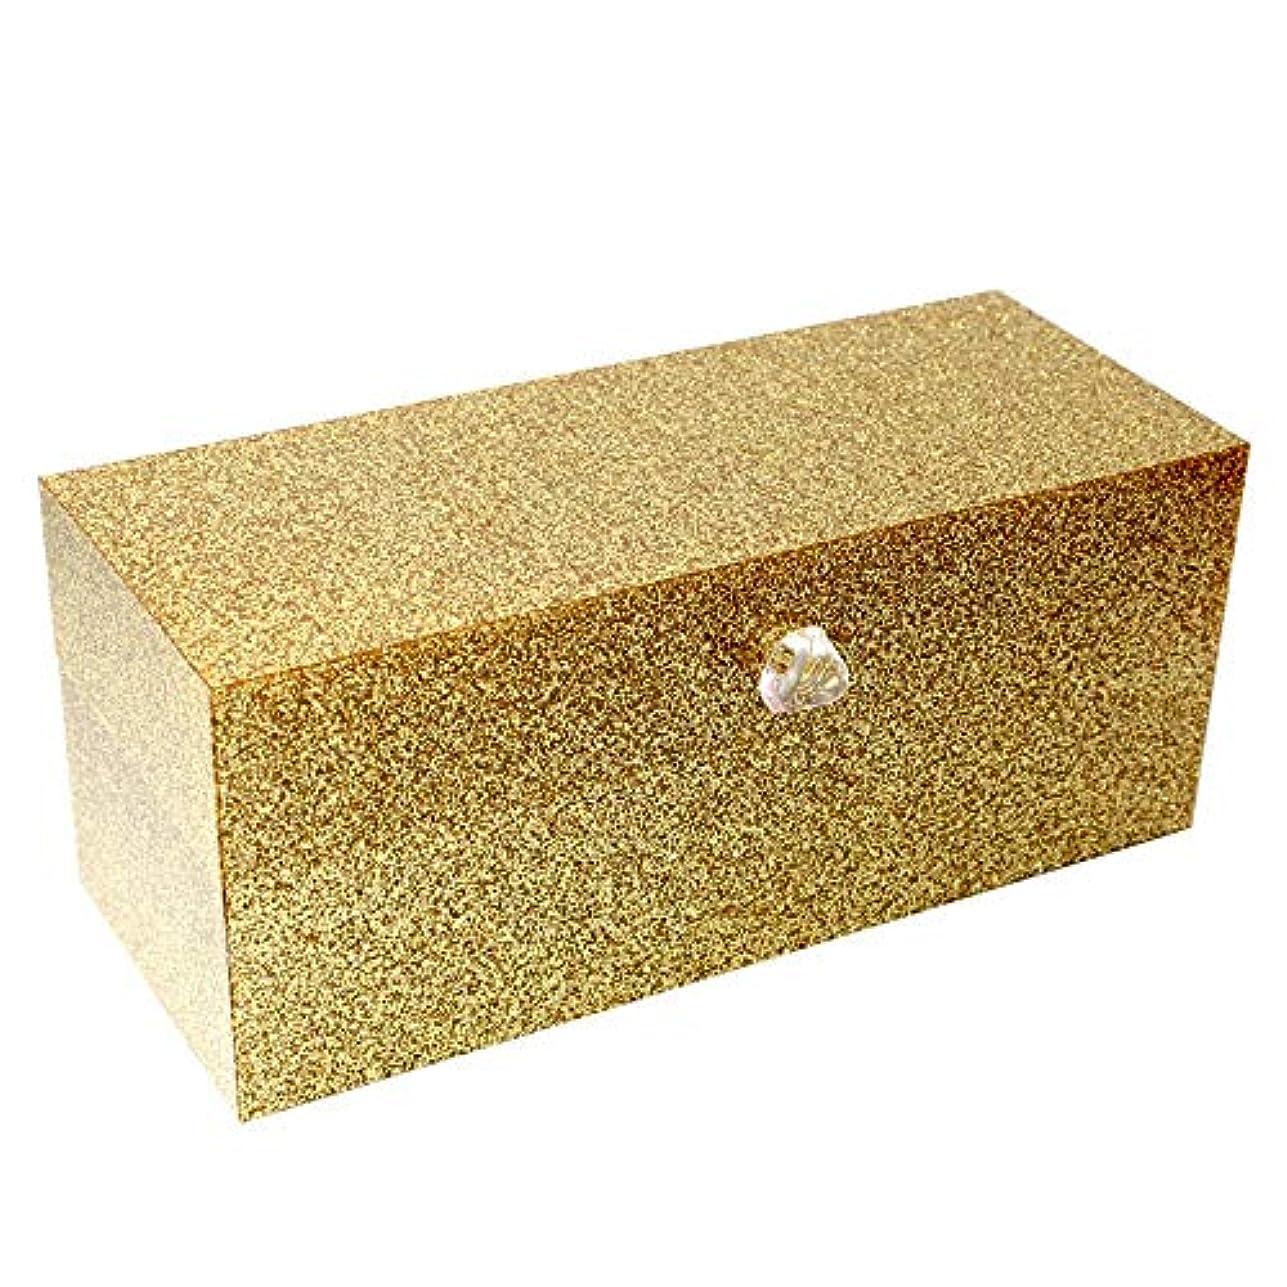 有害なマット今整理簡単 口紅のアクリルの付属品を収納するための24のコンパートメントが付いている簡単な構造の貯蔵ふたが付いているオルガナイザー(金) (Color : Gold, Size : 23*9.5*9.2CM)